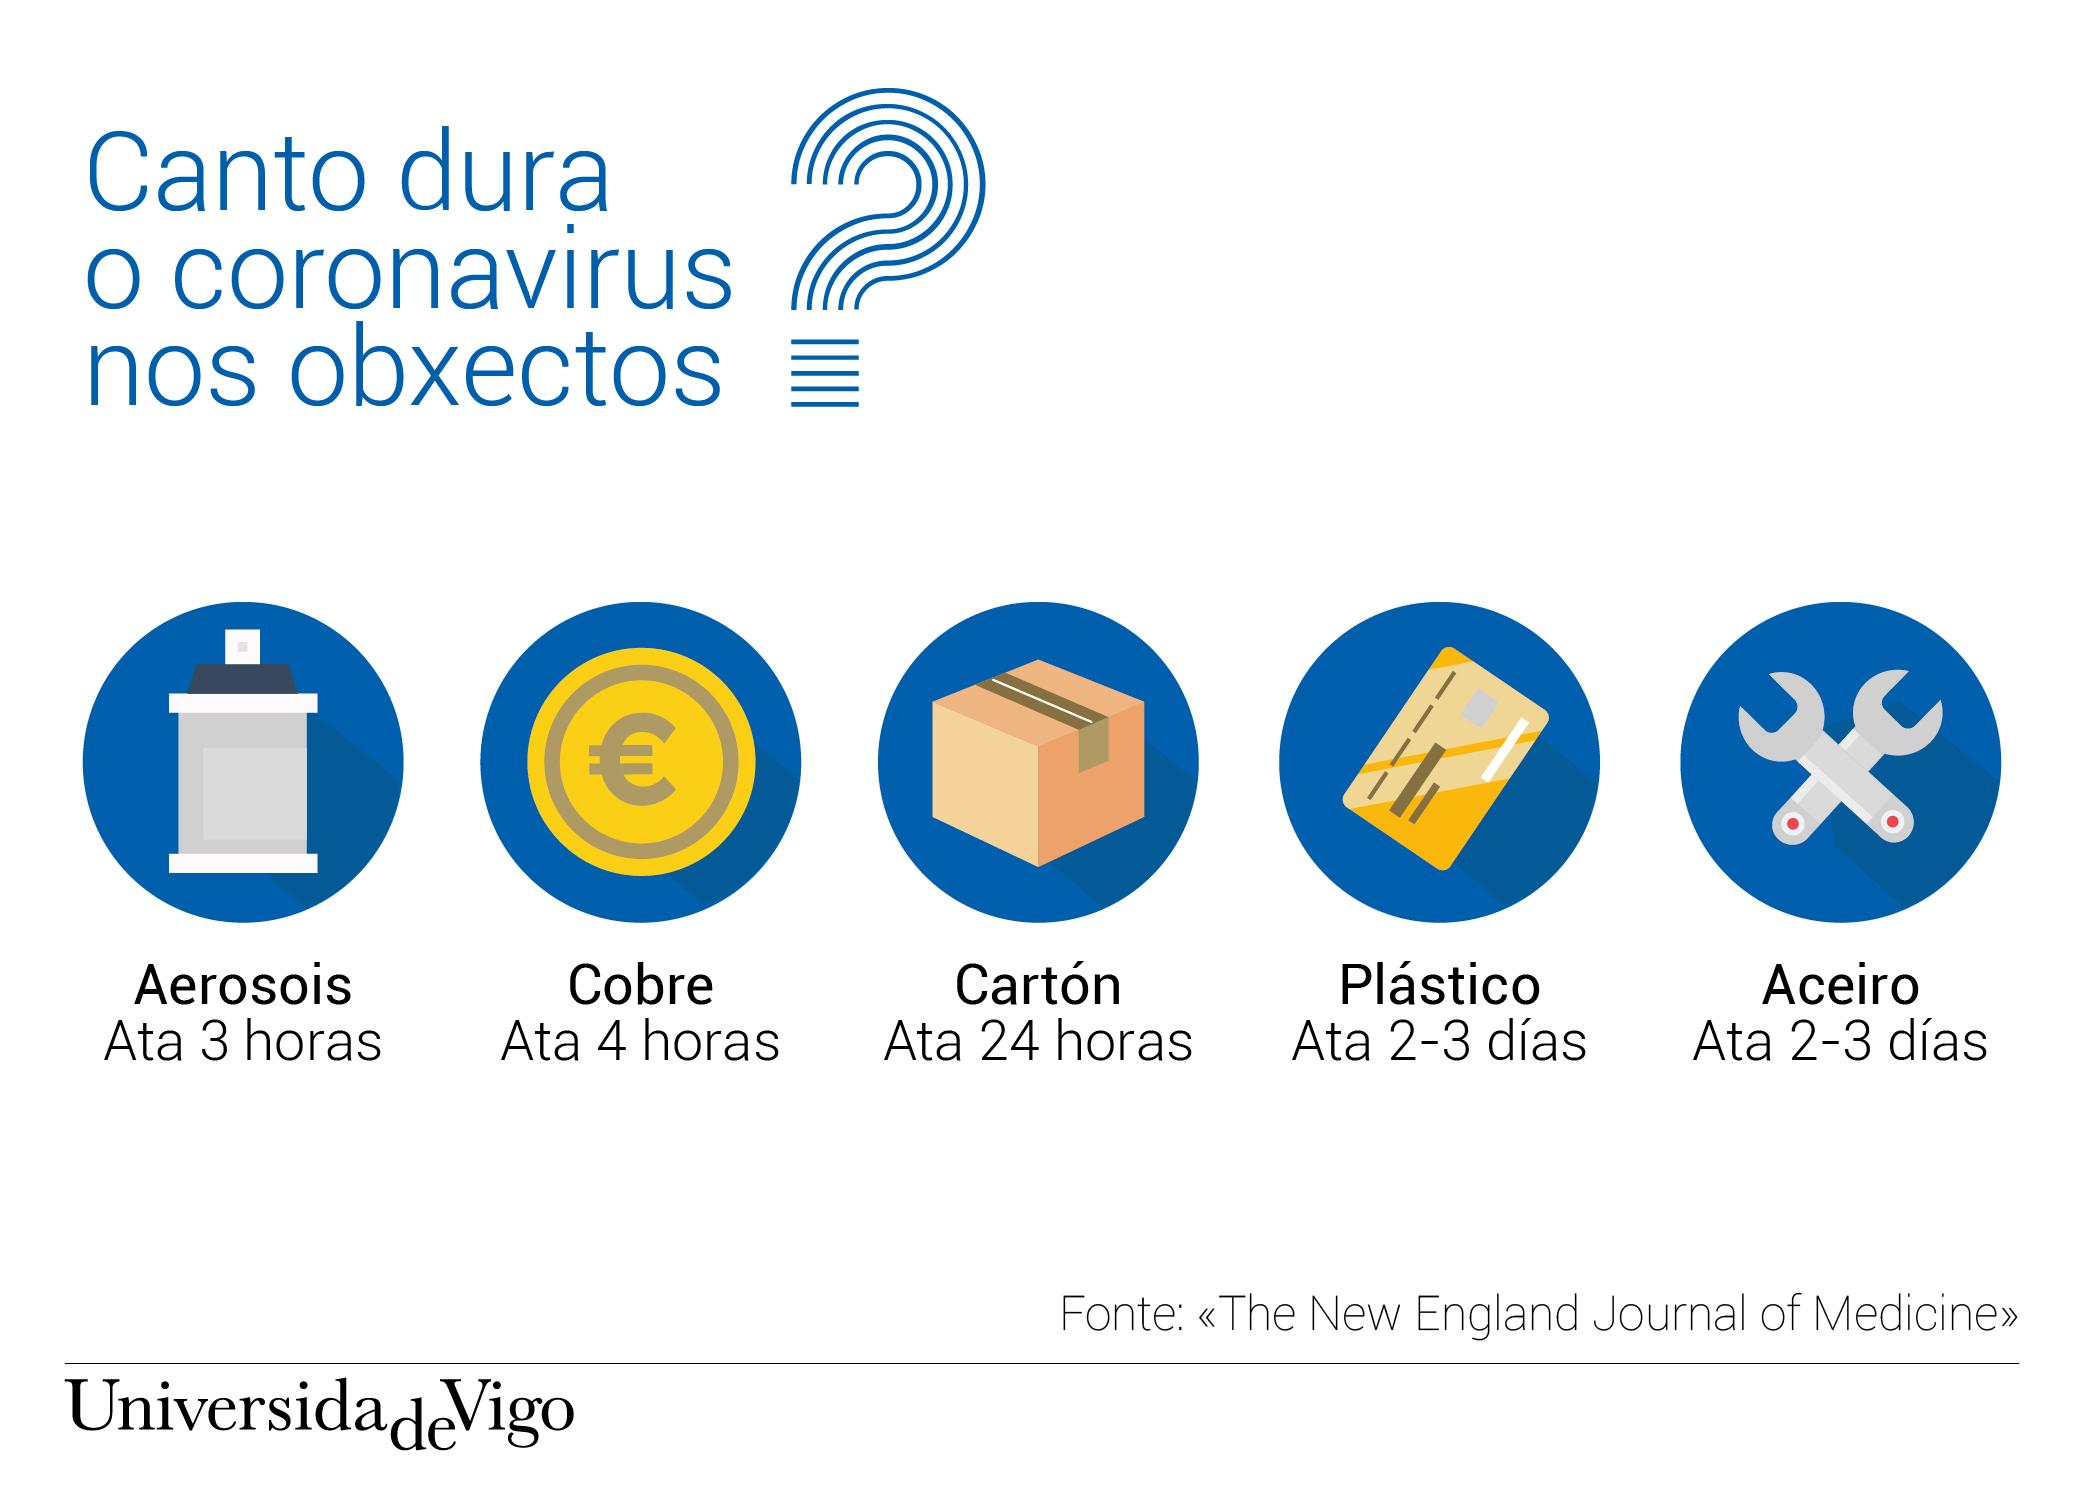 Información de cant dura o coronavirus nos obxectos